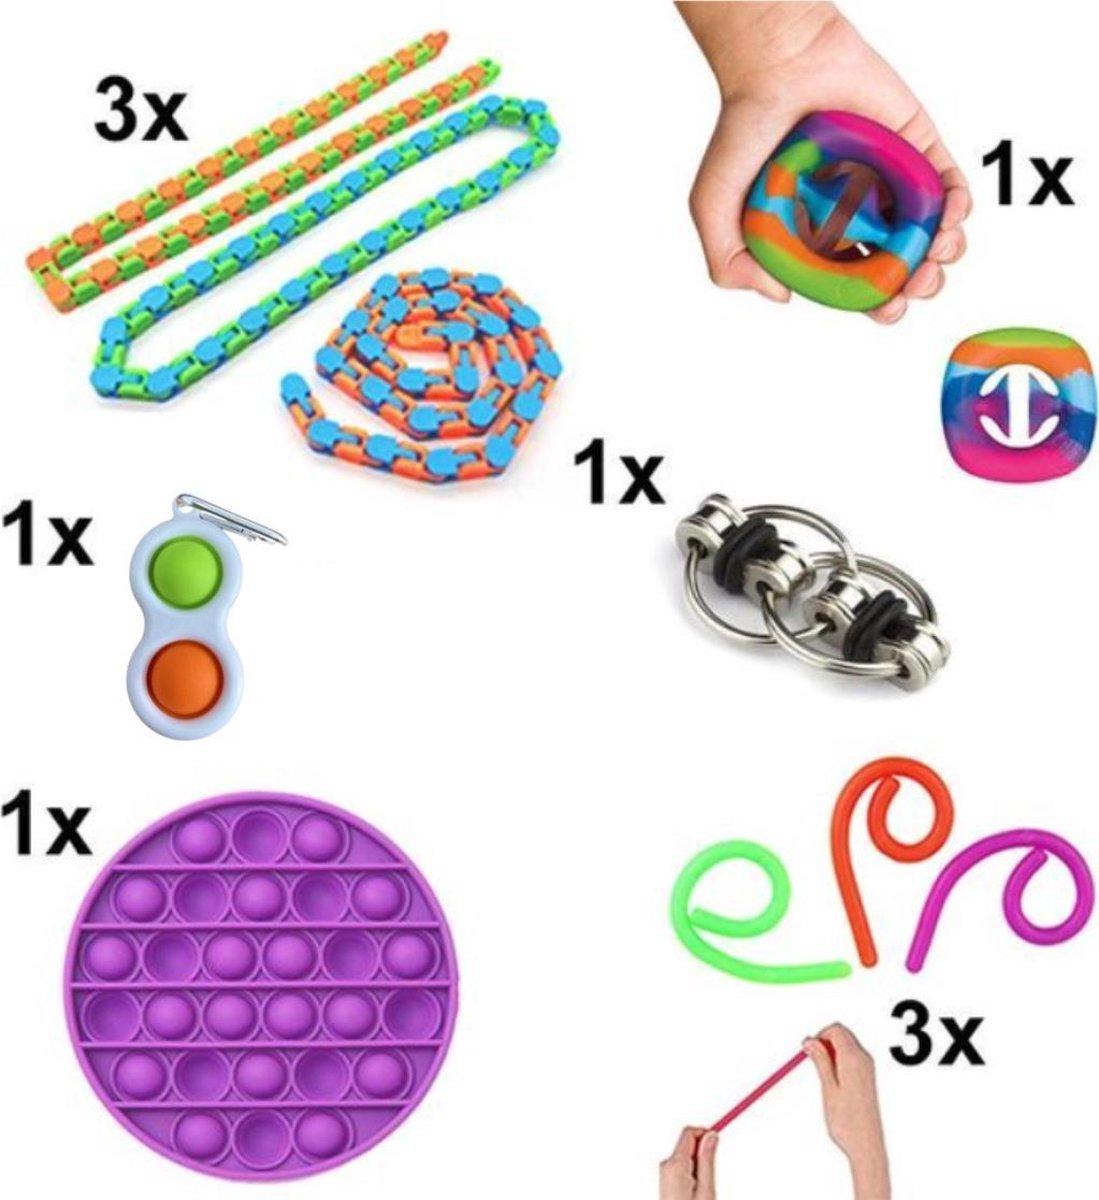 Fidget Toys Pakket - Set met 10 verschillende Fidget Toys: Wacky Tracks, Simple Dimple, Pop It Fidget, Flippy Chain, Monkey N...